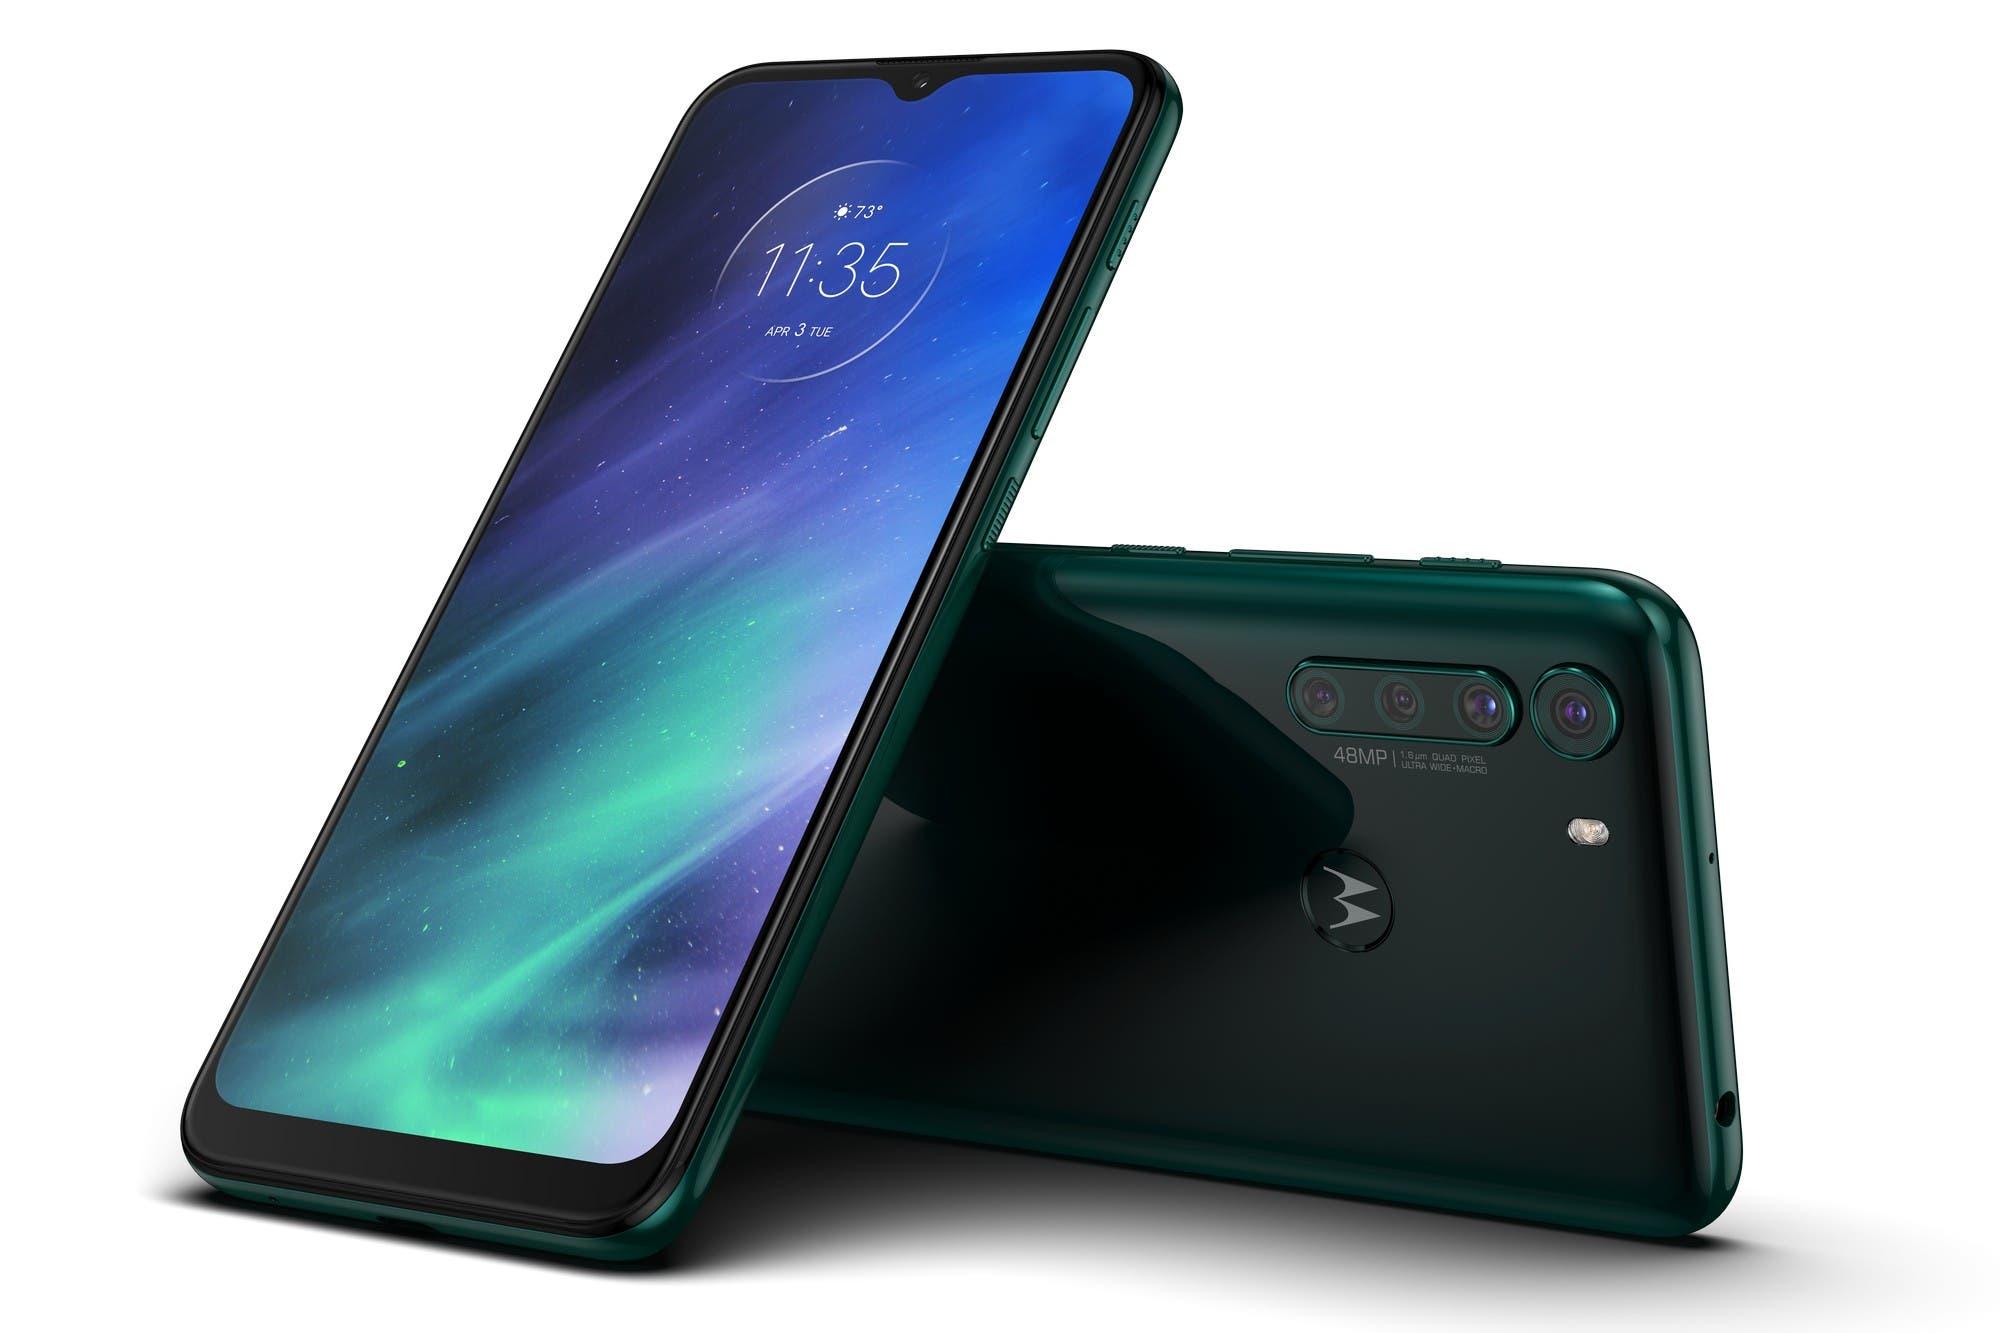 One Fusion: Motorola presentó en la Argentina su nuevo teléfono con cuatro cámaras y pantalla de 6,5 pulgadas